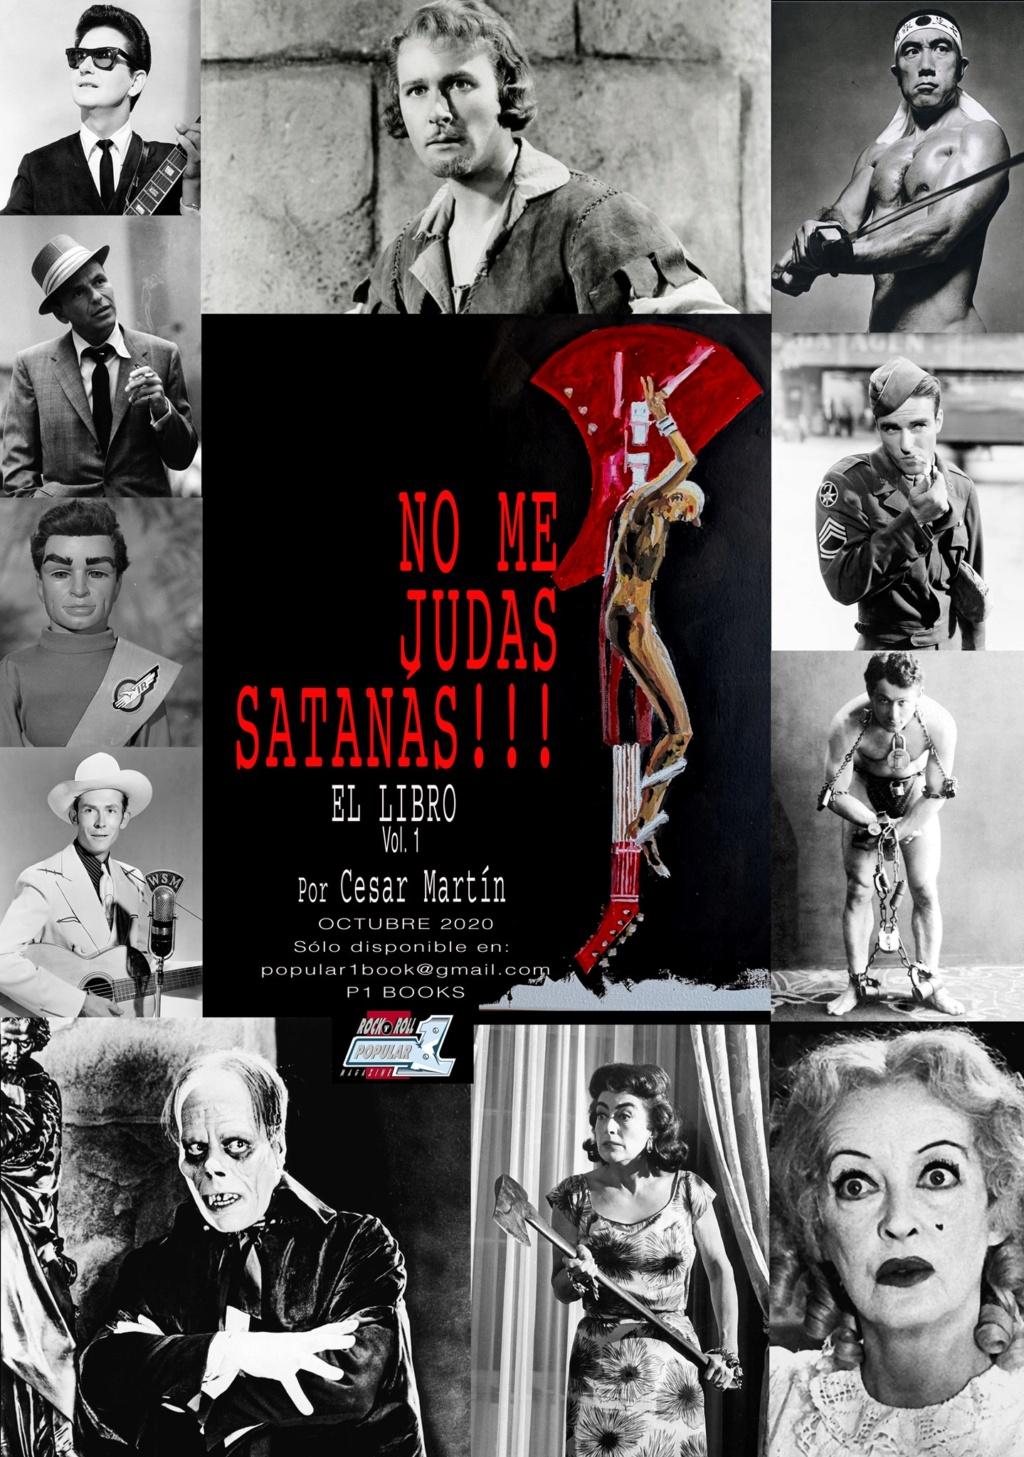 Popular 1 - NO ME JUDAS SATANAS - Página 11 Judas10